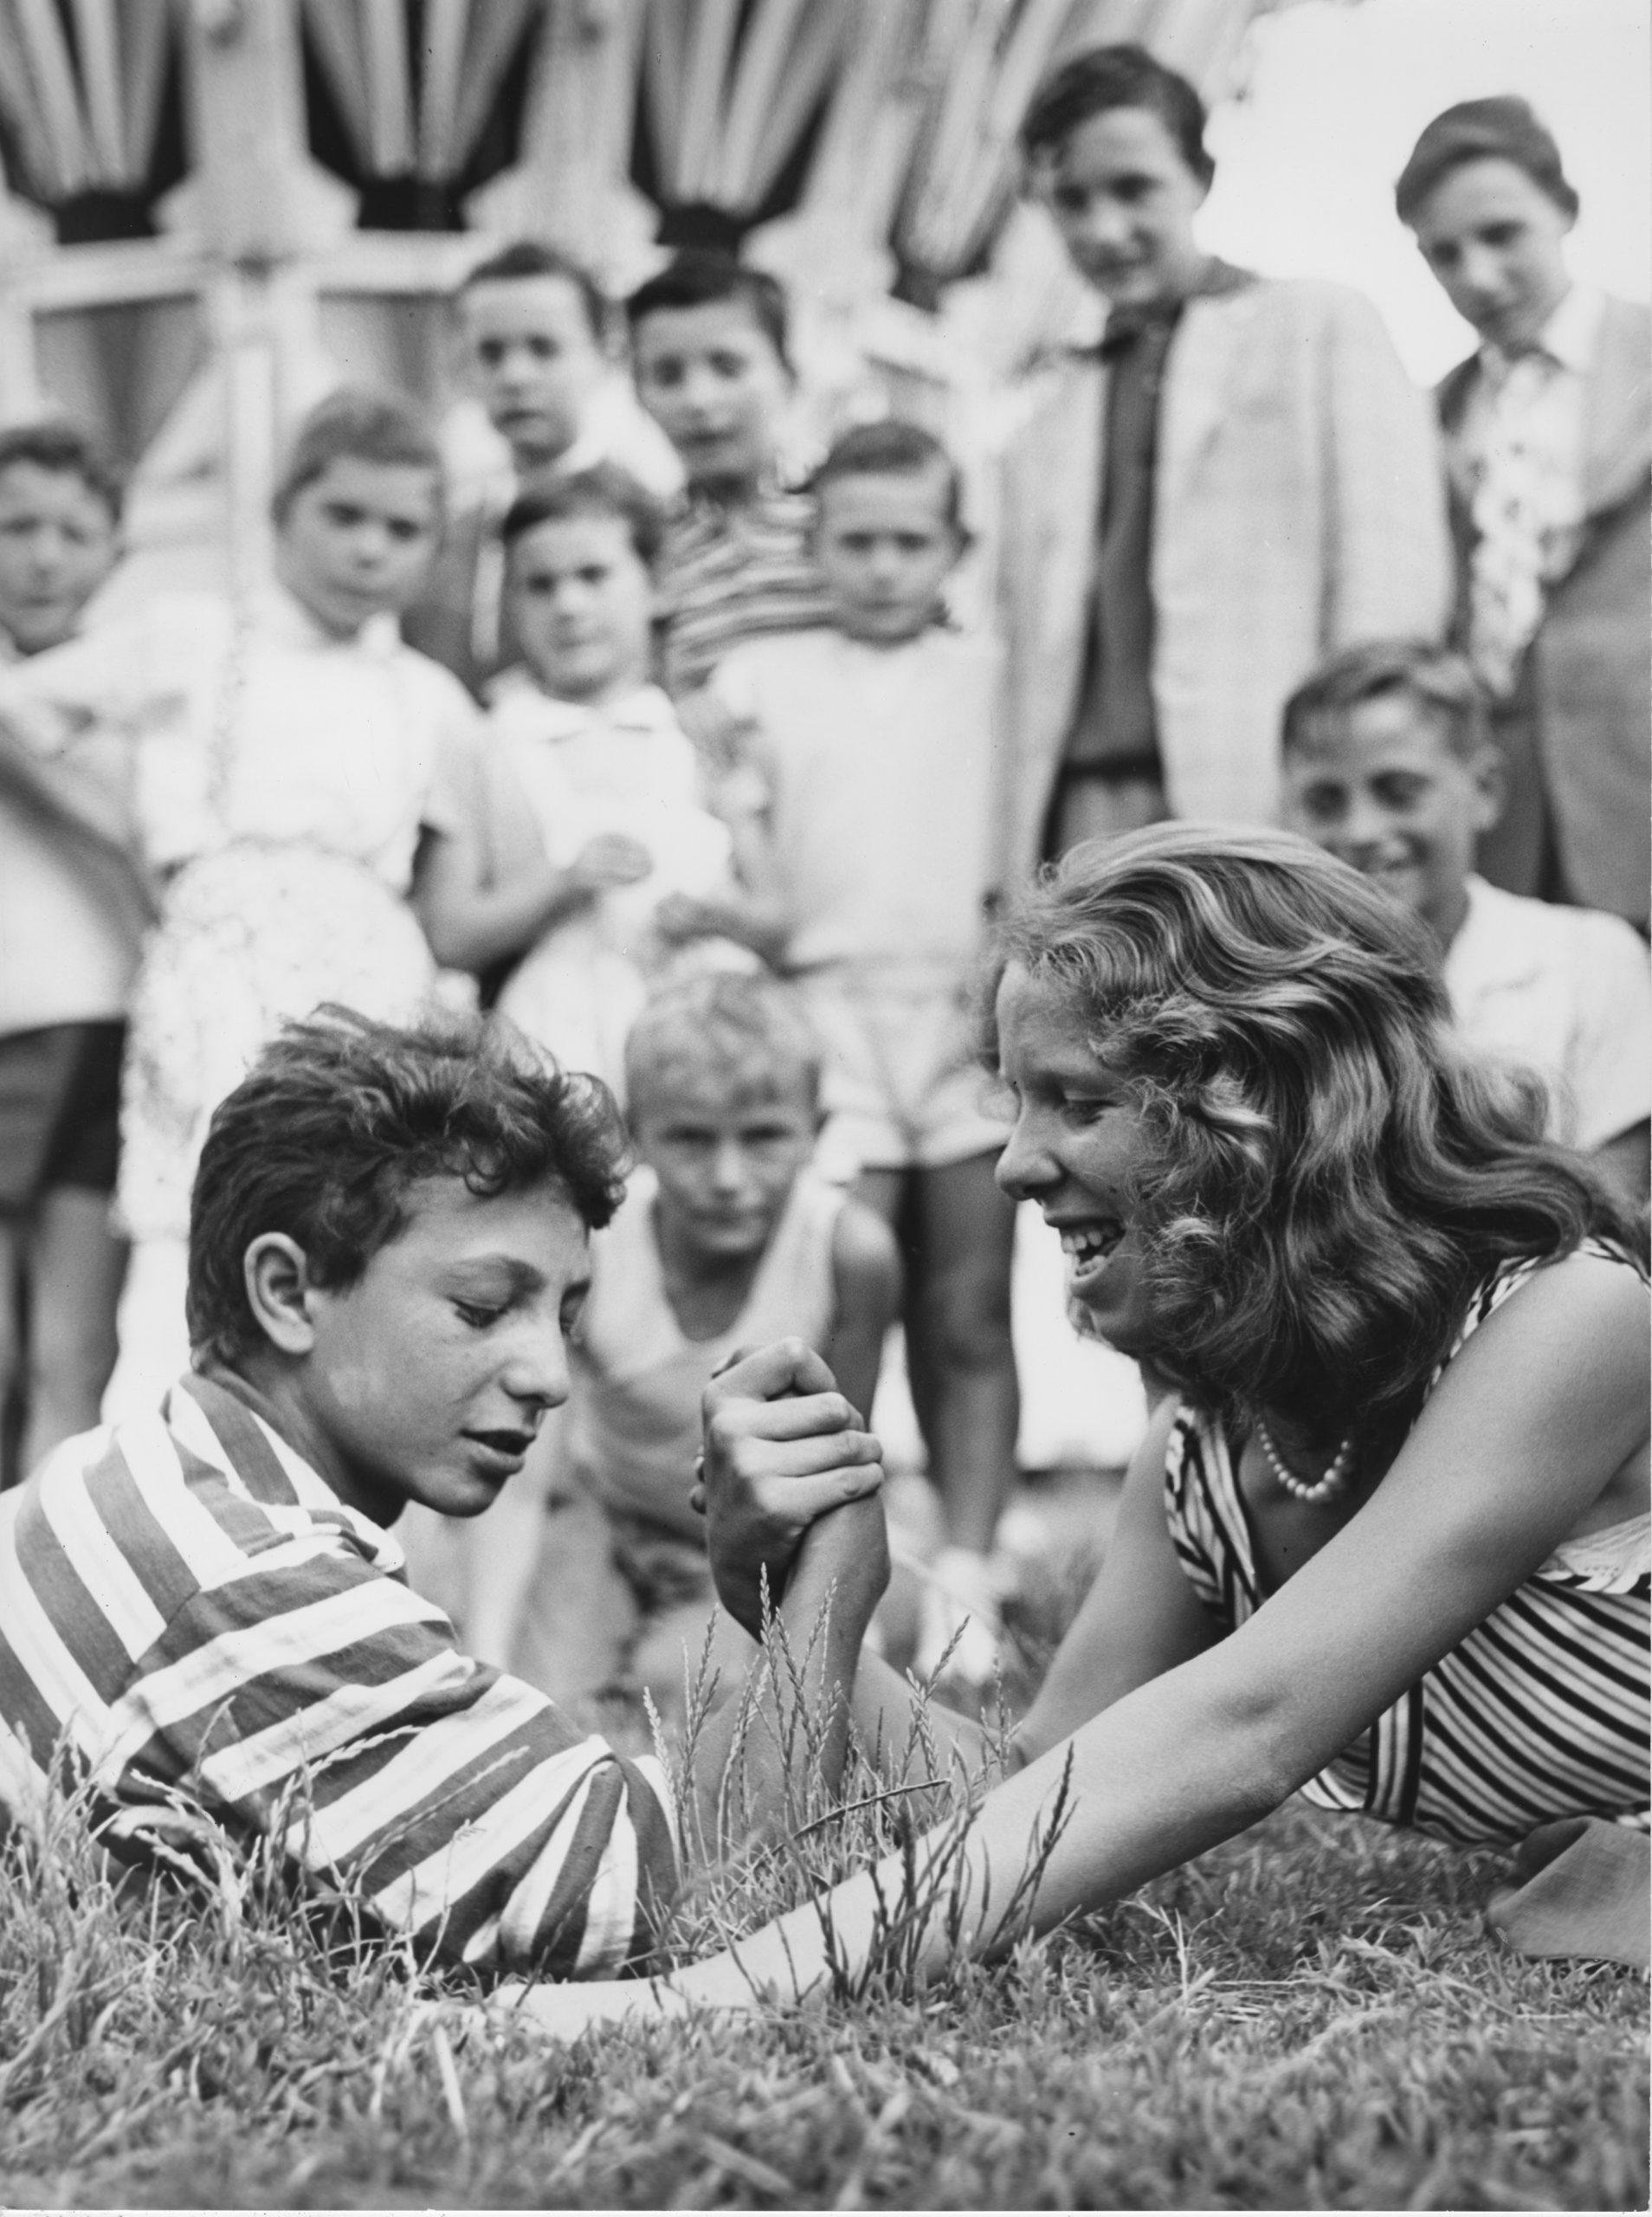 02_Mario Cattaneo, dalla serie Luna Park, 1955 - 1963 © Museo di Fotografia Contemporanea